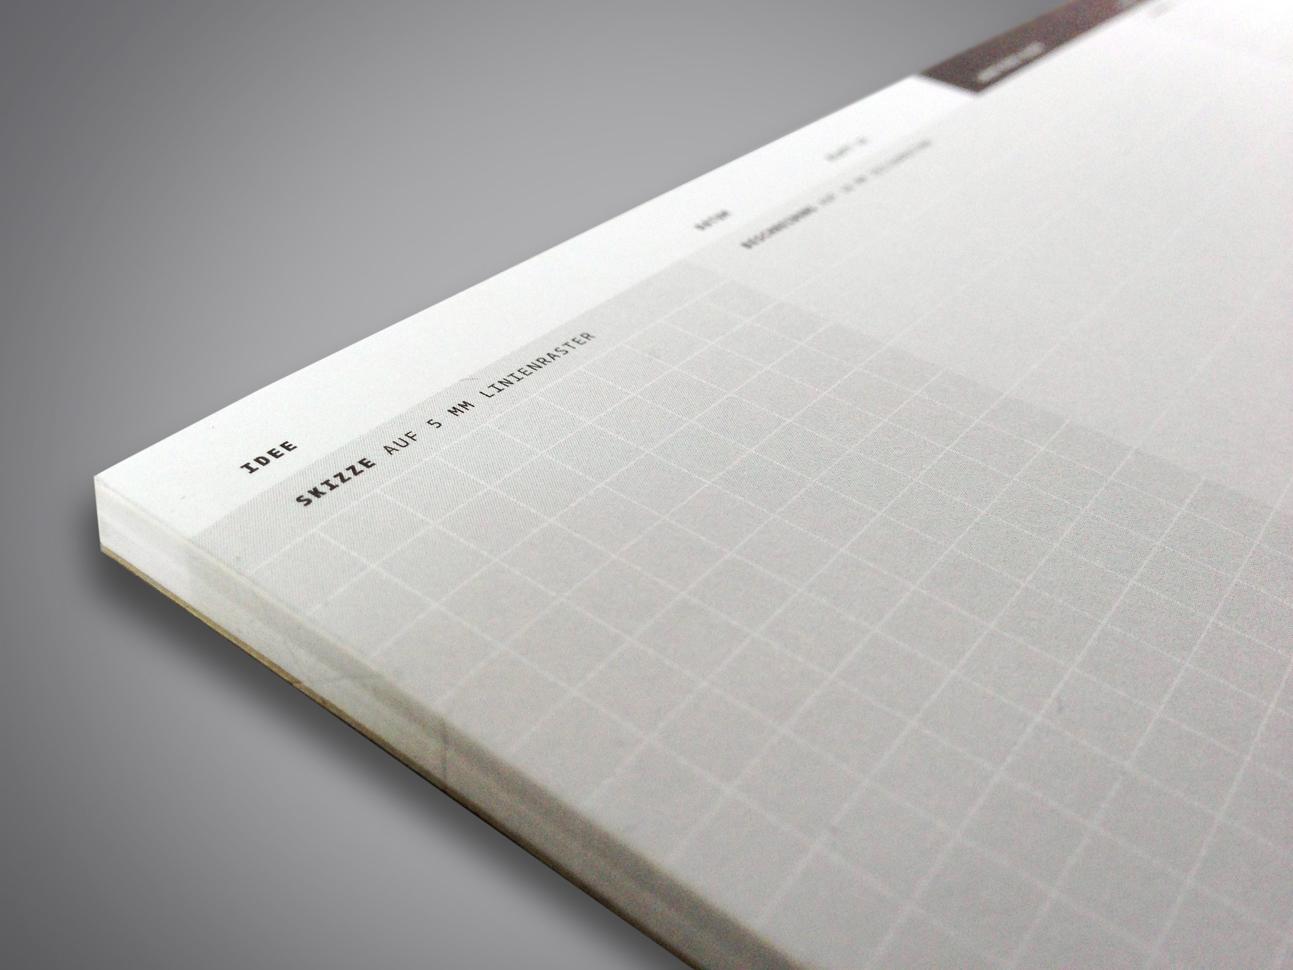 block, 210x98 mm, 80g offset weiss, rückpappe grau, leimbindung links, jeweils 50 blatt diese entwürfe von martin zech design sind ohne auftraggeber entstanden und in kleinen exklusiven auflagen erhältlich.